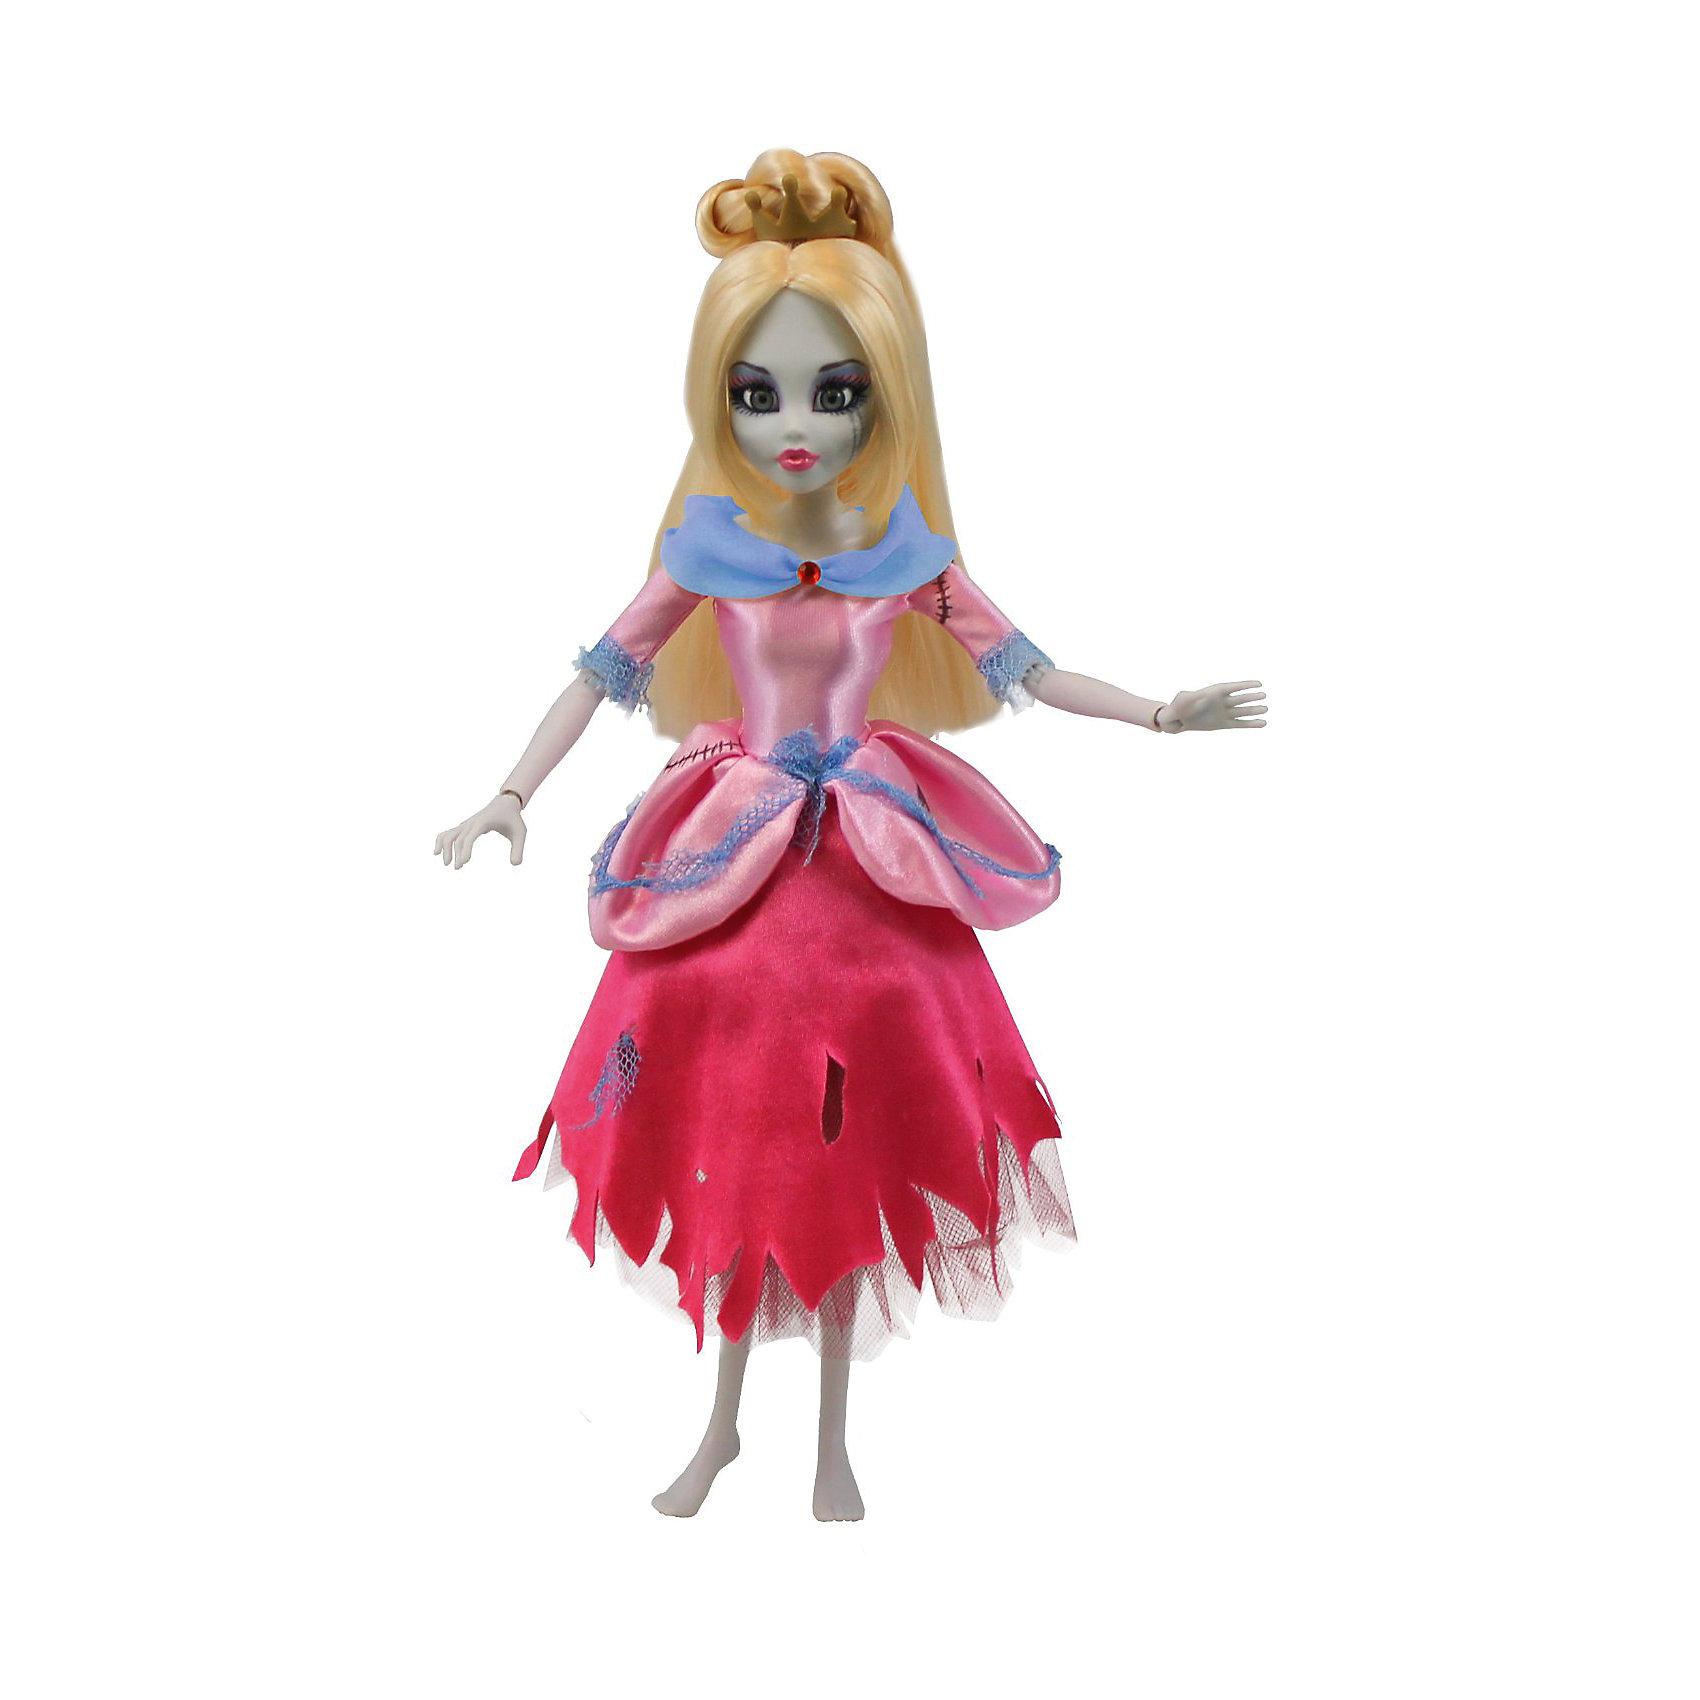 Кукла Зомби: Золушка, WowWeeБренды кукол<br>Кукла Зомби: Золушка от WowWee - это сказочный персонаж , превращенный в загадочную и холодную принцессу-зомби. Несмотря на превращение, принцесса не утратила своей красоты, даже наоборот, приобрела определенный потусторонний шарм и очарование. Длинные белокурые волосы куклы очень мягкие и послушные. Золушка одета в прекрасное  розово- голубое платье с приталенным лифом, пышной юбкой и подъюбником из сетки. Собери всю коллекцию принцесс-зомби и устрой незабываемый бал!<br><br>Дополнительная информация:<br><br>- Материал: пластик, текстиль.<br>- Высота куклы: 28 см.<br>- Комплектация: кукла, расческа, подставка.<br>- Руки, ноги, голова куклы подвижные.<br><br>Куклу Зомби: Золушку, WowWee, можно купить в нашем магазине.<br><br>Ширина мм: 150<br>Глубина мм: 70<br>Высота мм: 350<br>Вес г: 150<br>Возраст от месяцев: 72<br>Возраст до месяцев: 168<br>Пол: Женский<br>Возраст: Детский<br>SKU: 4134078